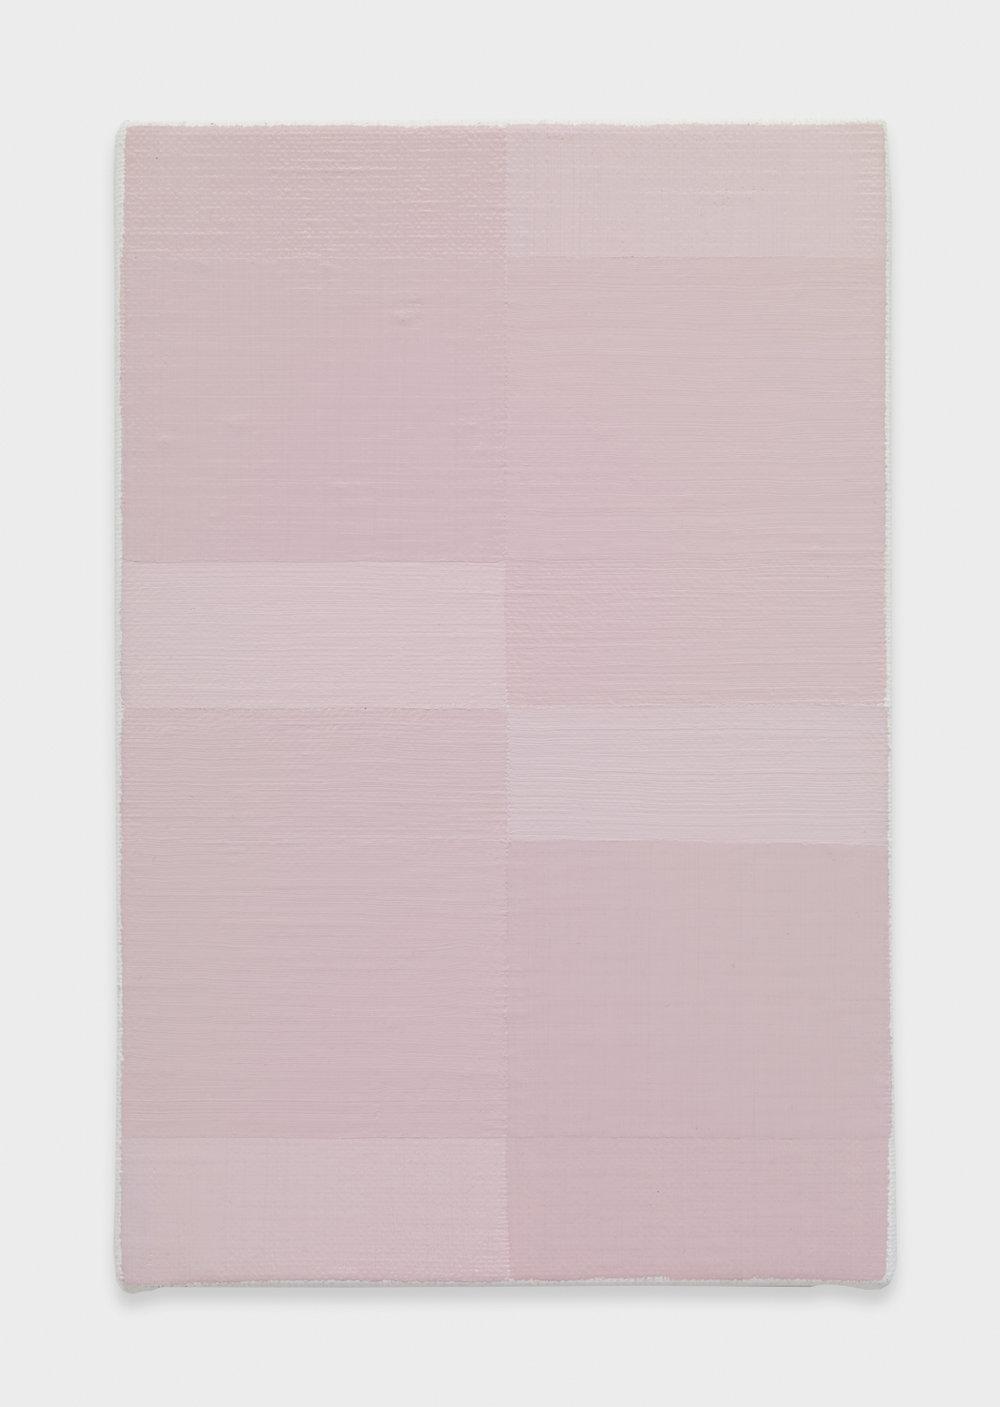 Yui Yaegashi  Wipe  2017 Oil on canvas 9 ⅝h x 6 ⅓w in YY095